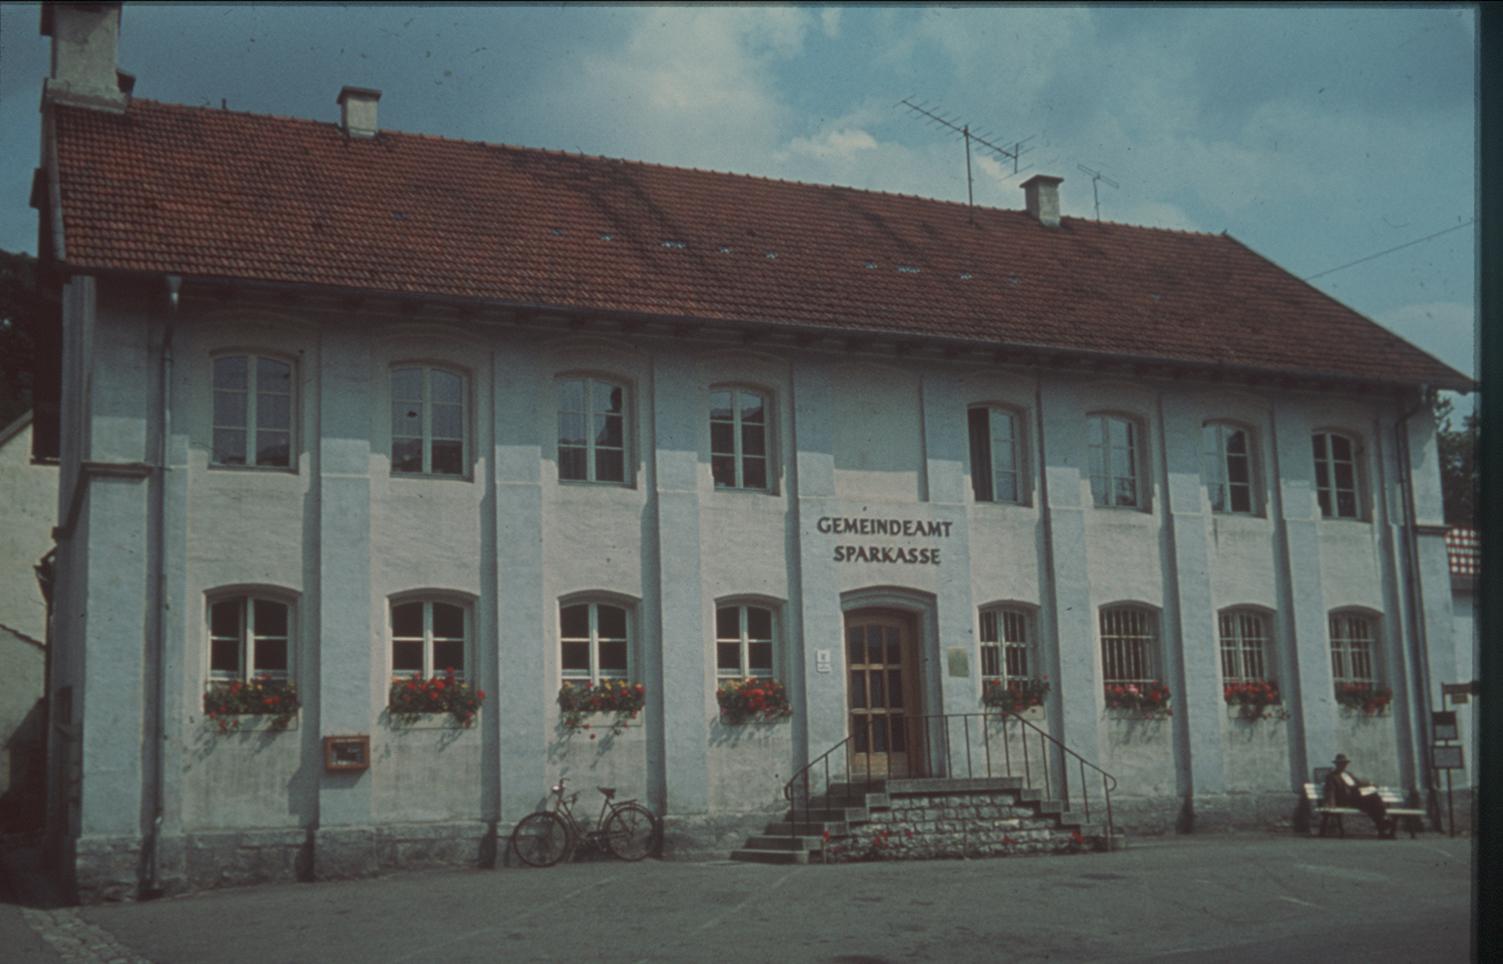 15 Gemeindeamt